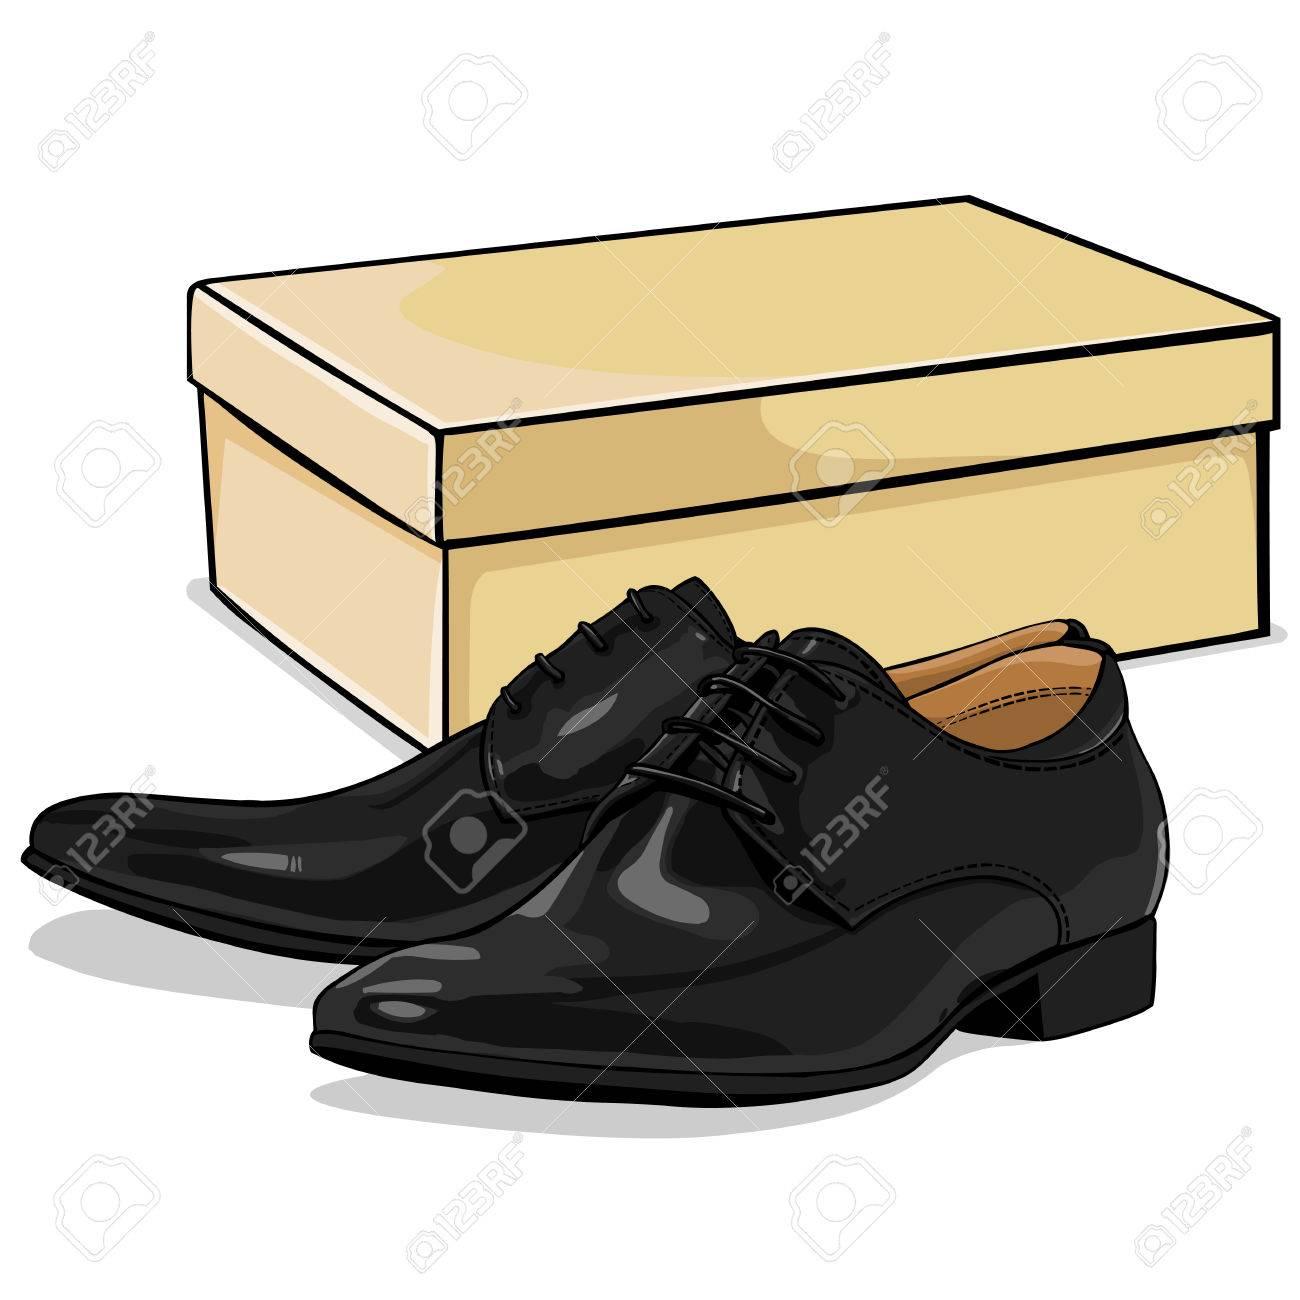 Vector De Dibujos Animados Zapatos Clásicos De Hombres Con Caja De Zapatos Ilustraciones Vectoriales Clip Art Vectorizado Libre De Derechos Image 62757817